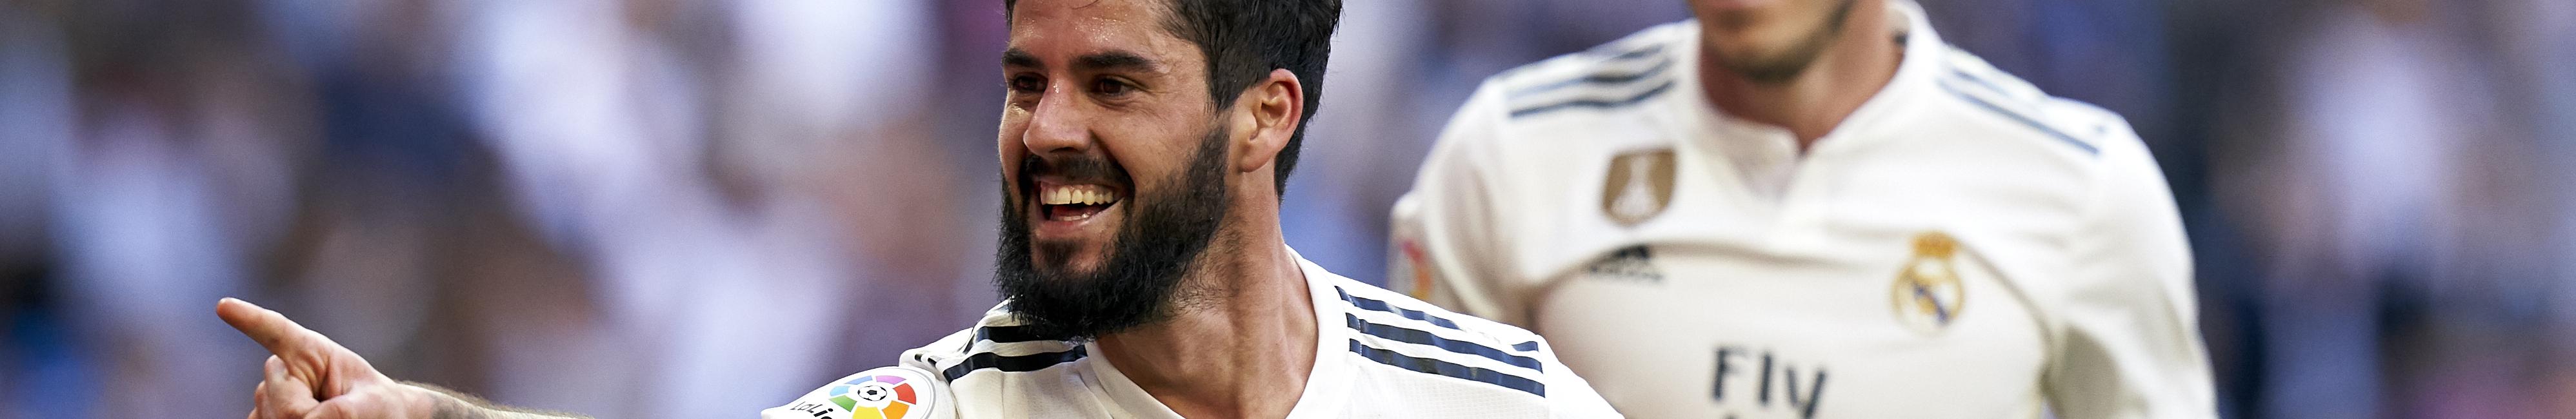 Real Madrid-Huesca, Merengues all'assalto del 2° posto